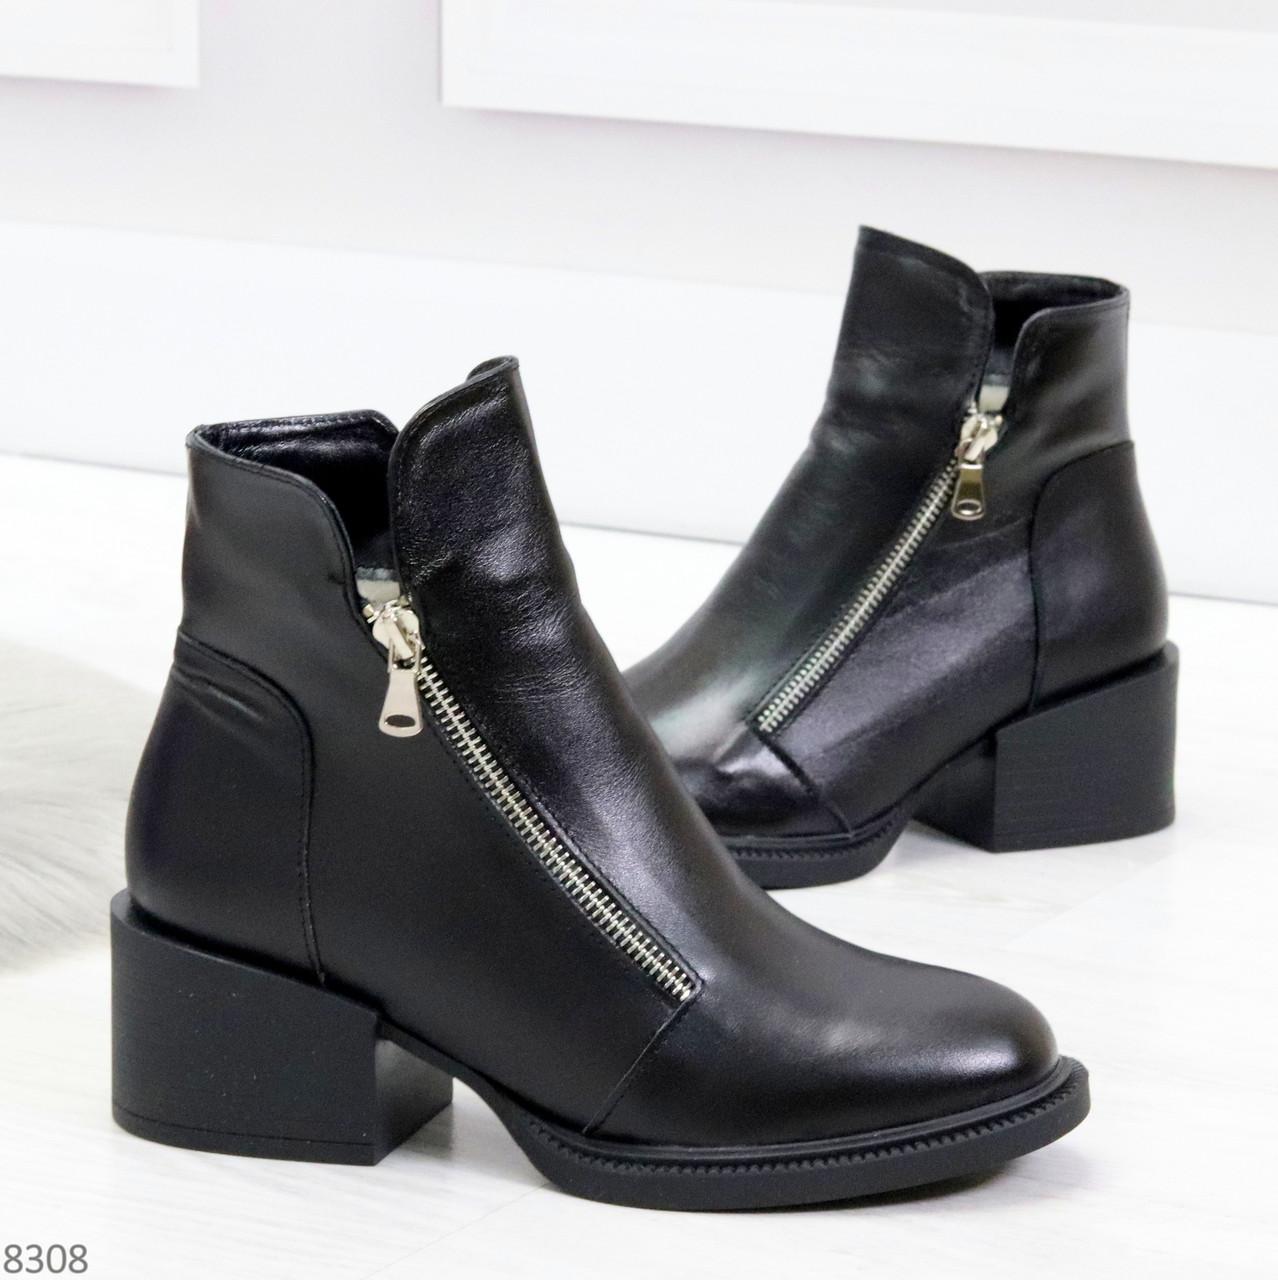 Удобные черные женские зимние ботинки из натуральной кожи на молнии